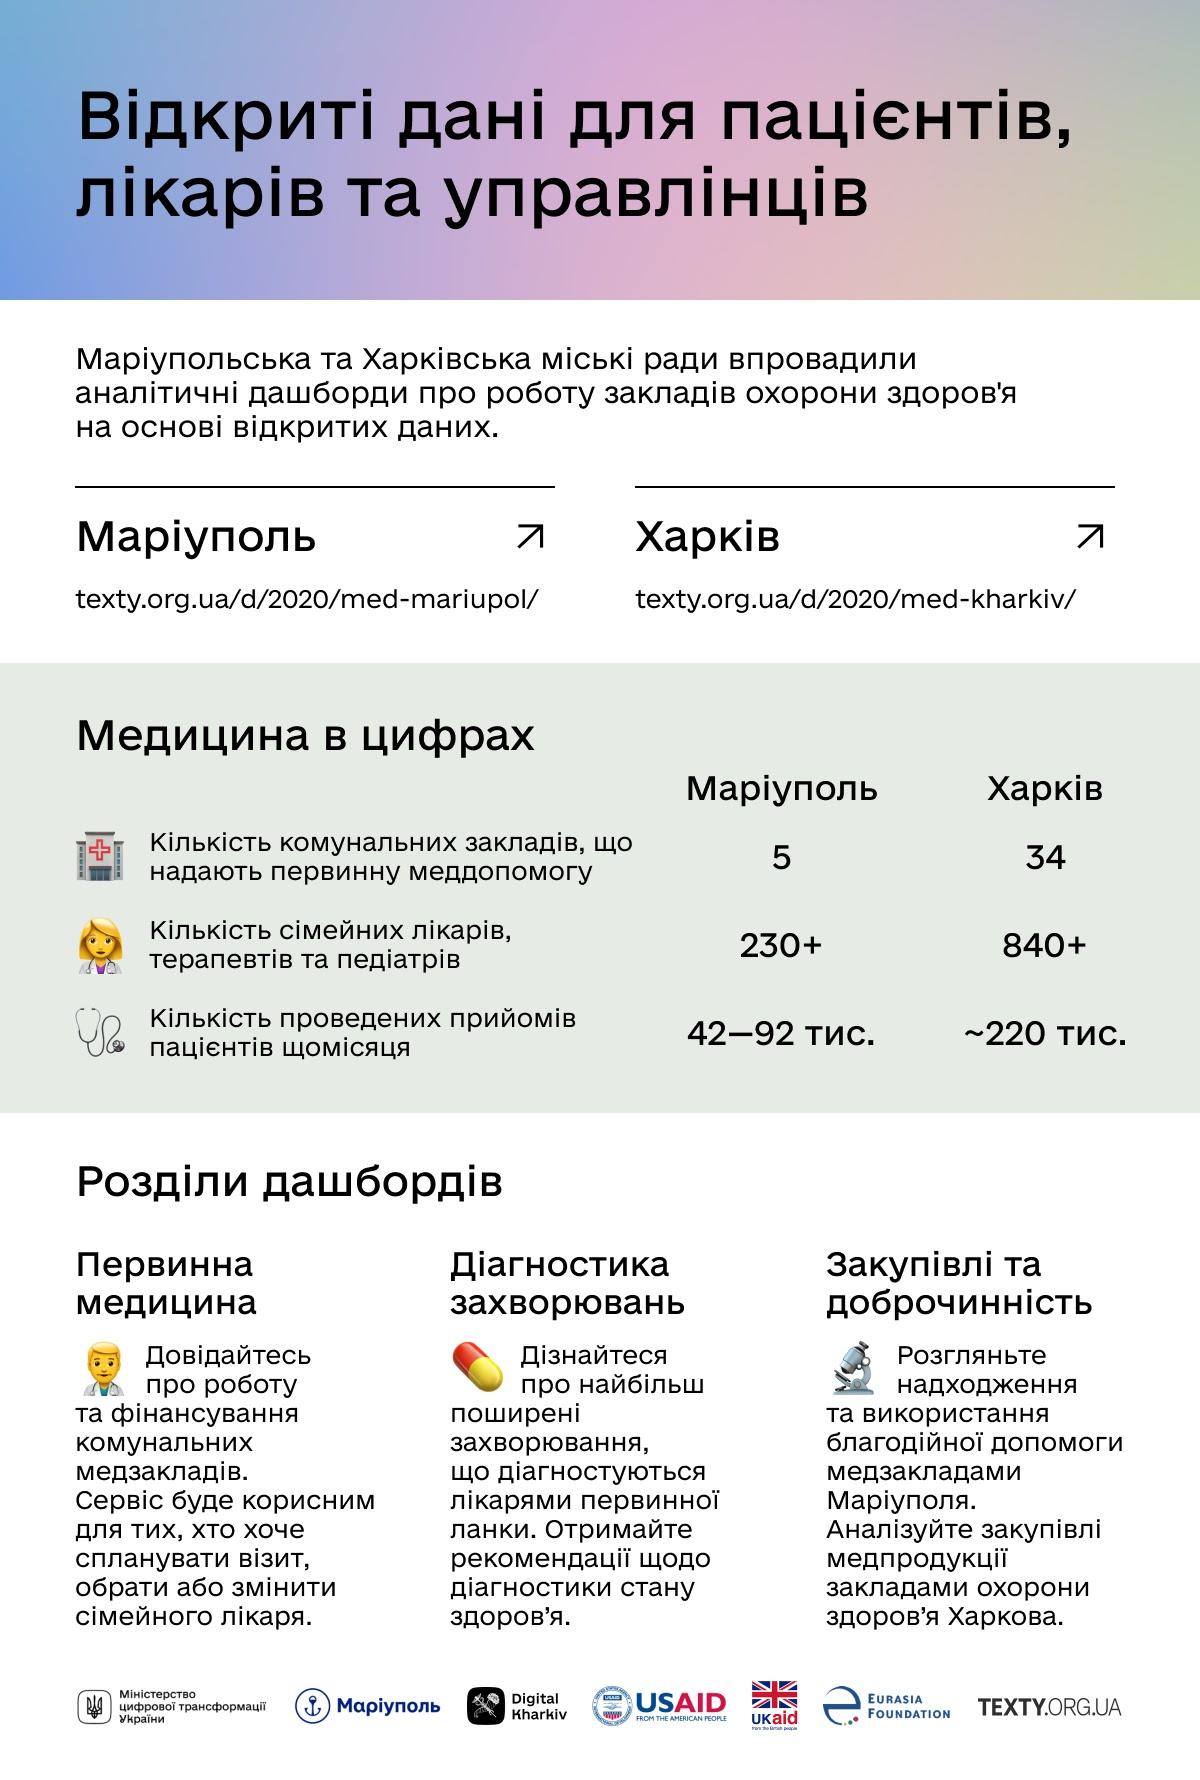 Медицина у цифрах: Маріуполь і Харків представили аналітику щодо завантаженості та фінансування лікарень